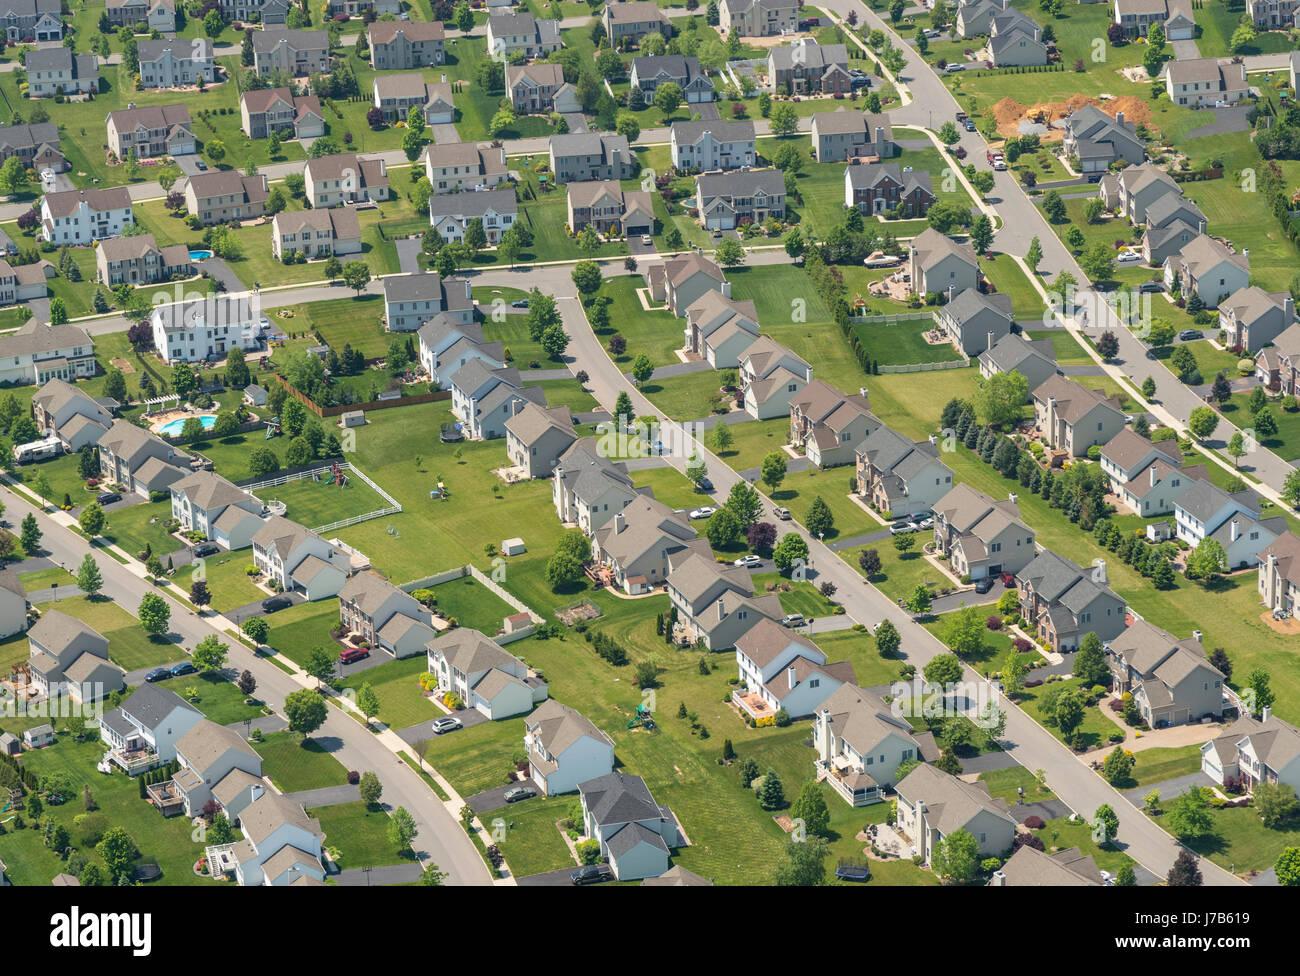 Vista aerea della Pennsylvania Case suburbane di quartiere residenziale  Foto stock - Alamy